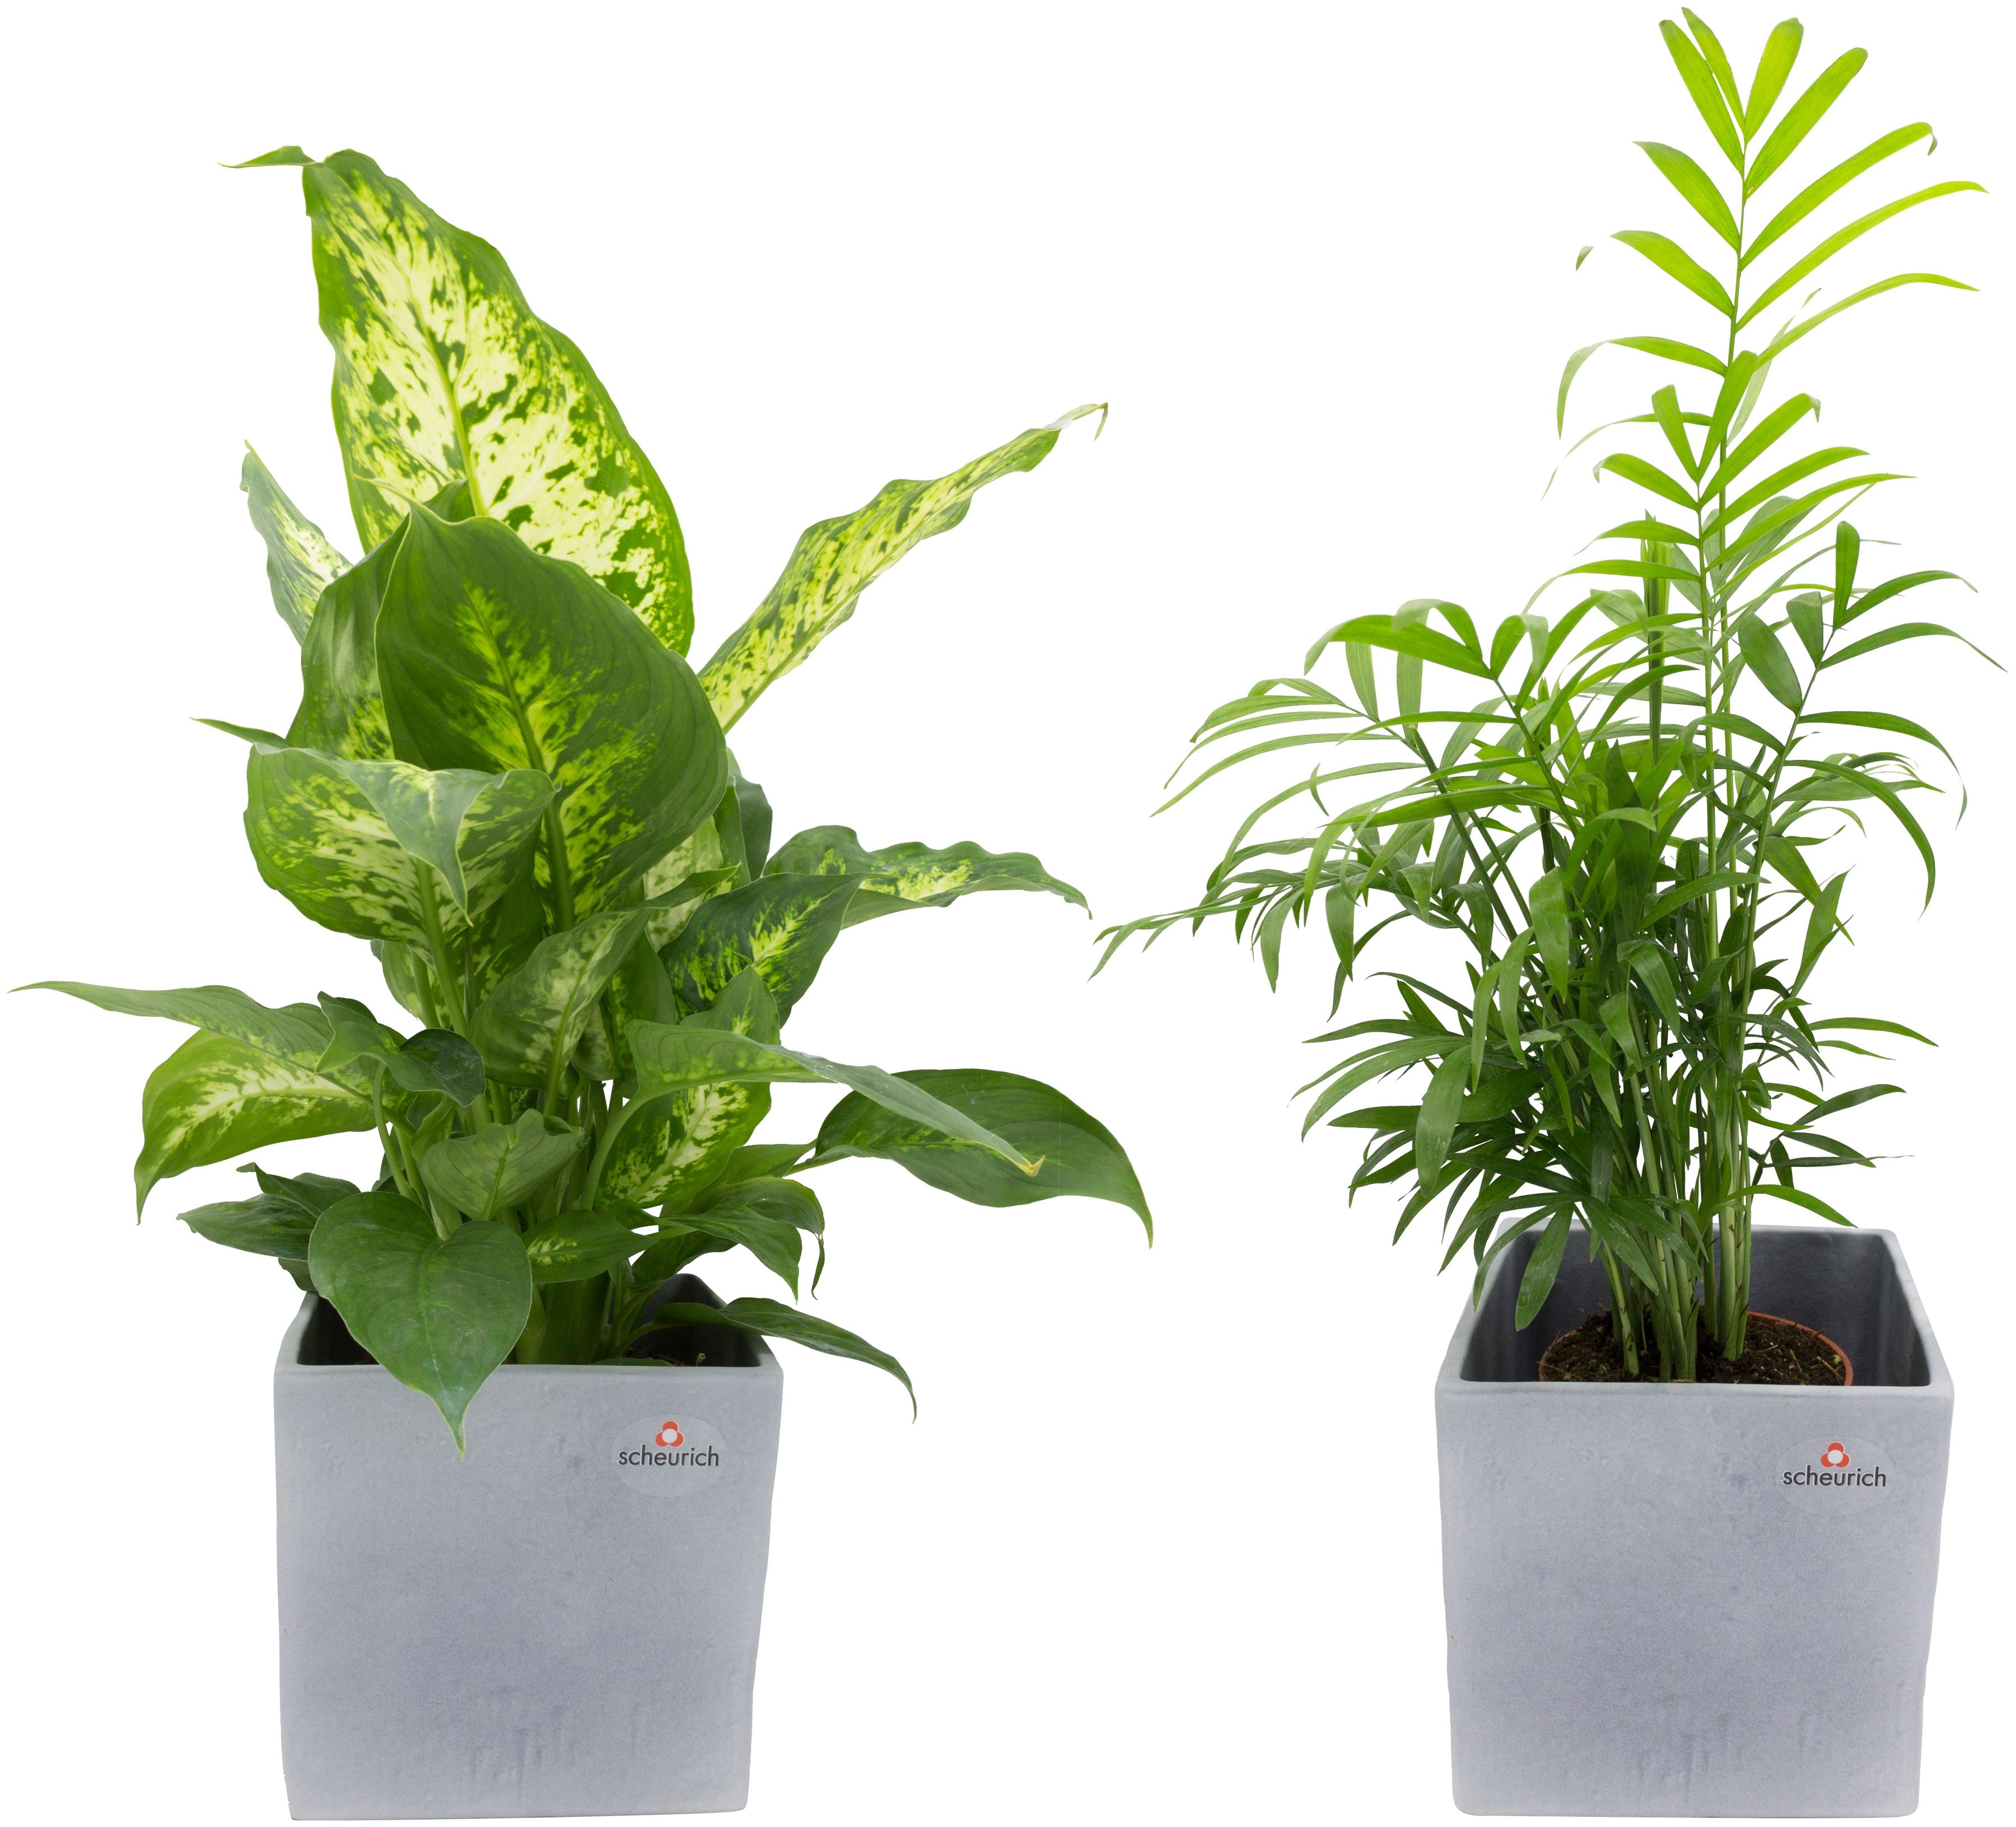 Dominik Zimmerpflanze Grünpflanzen-Set, Höhe: 30 cm, 2 Pflanzen in Dekotöpfen grün Garten Balkon